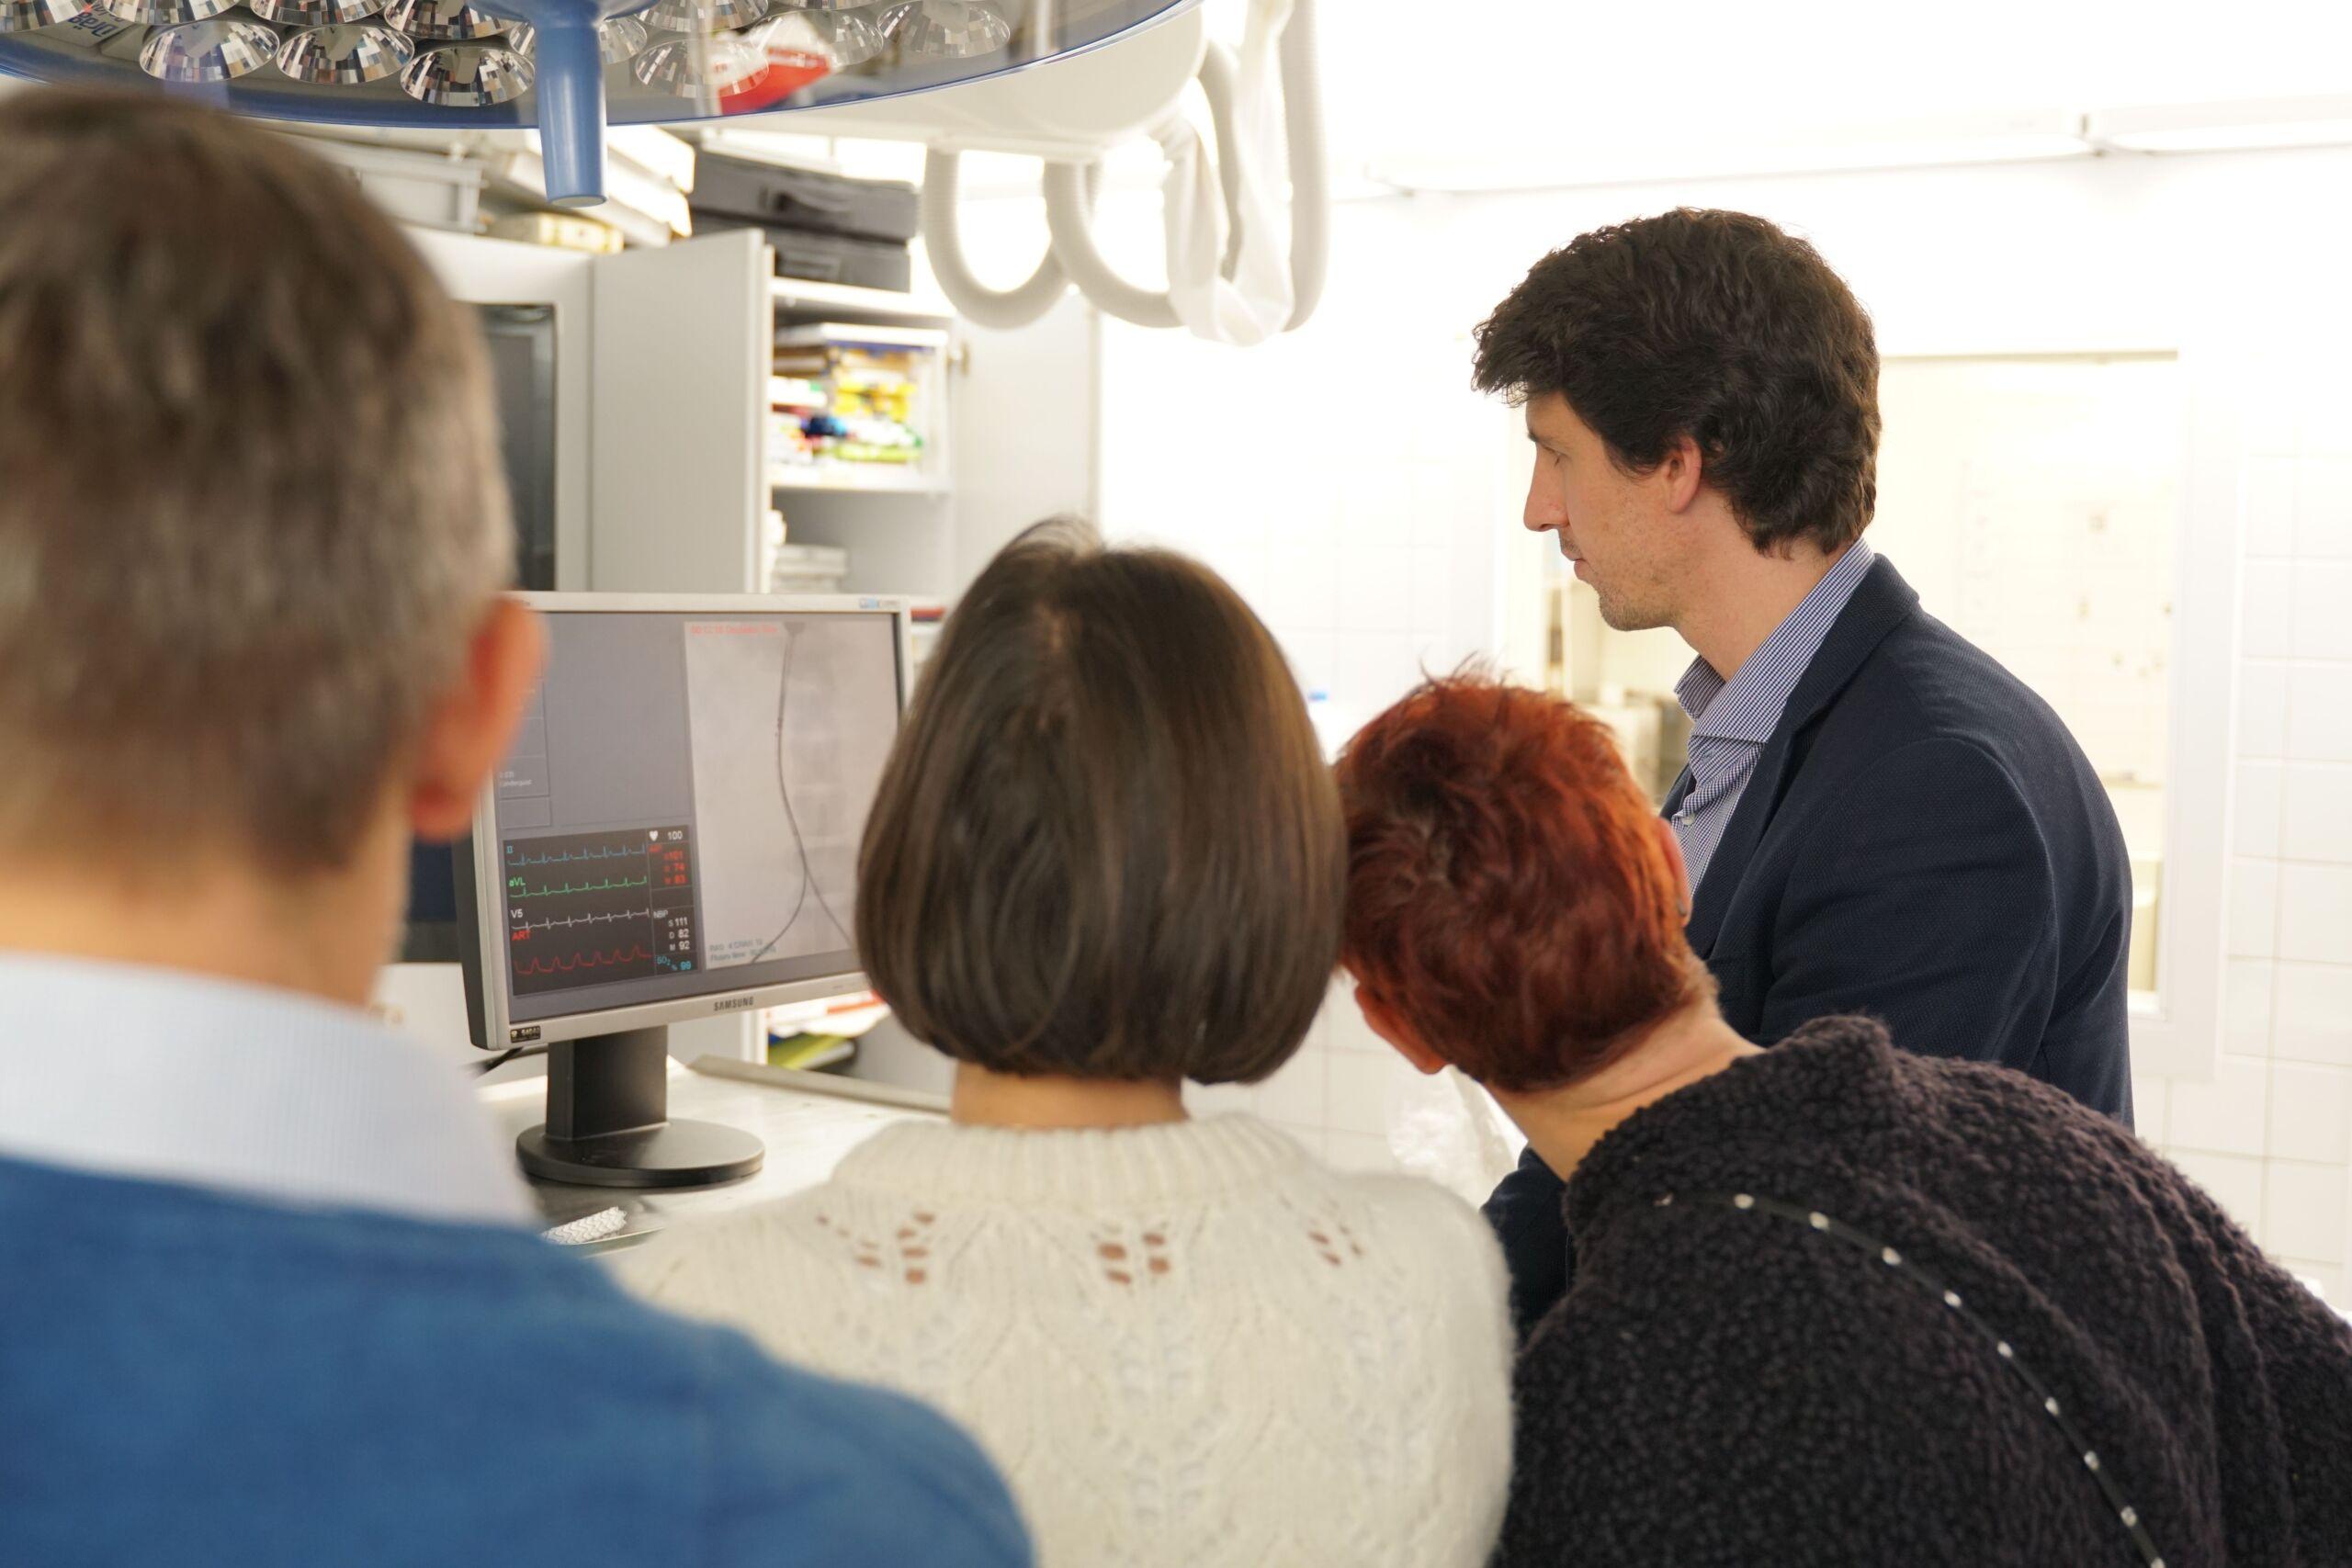 Vier Personen schauen sich eine Aufnahme auf einem Bildschirm an